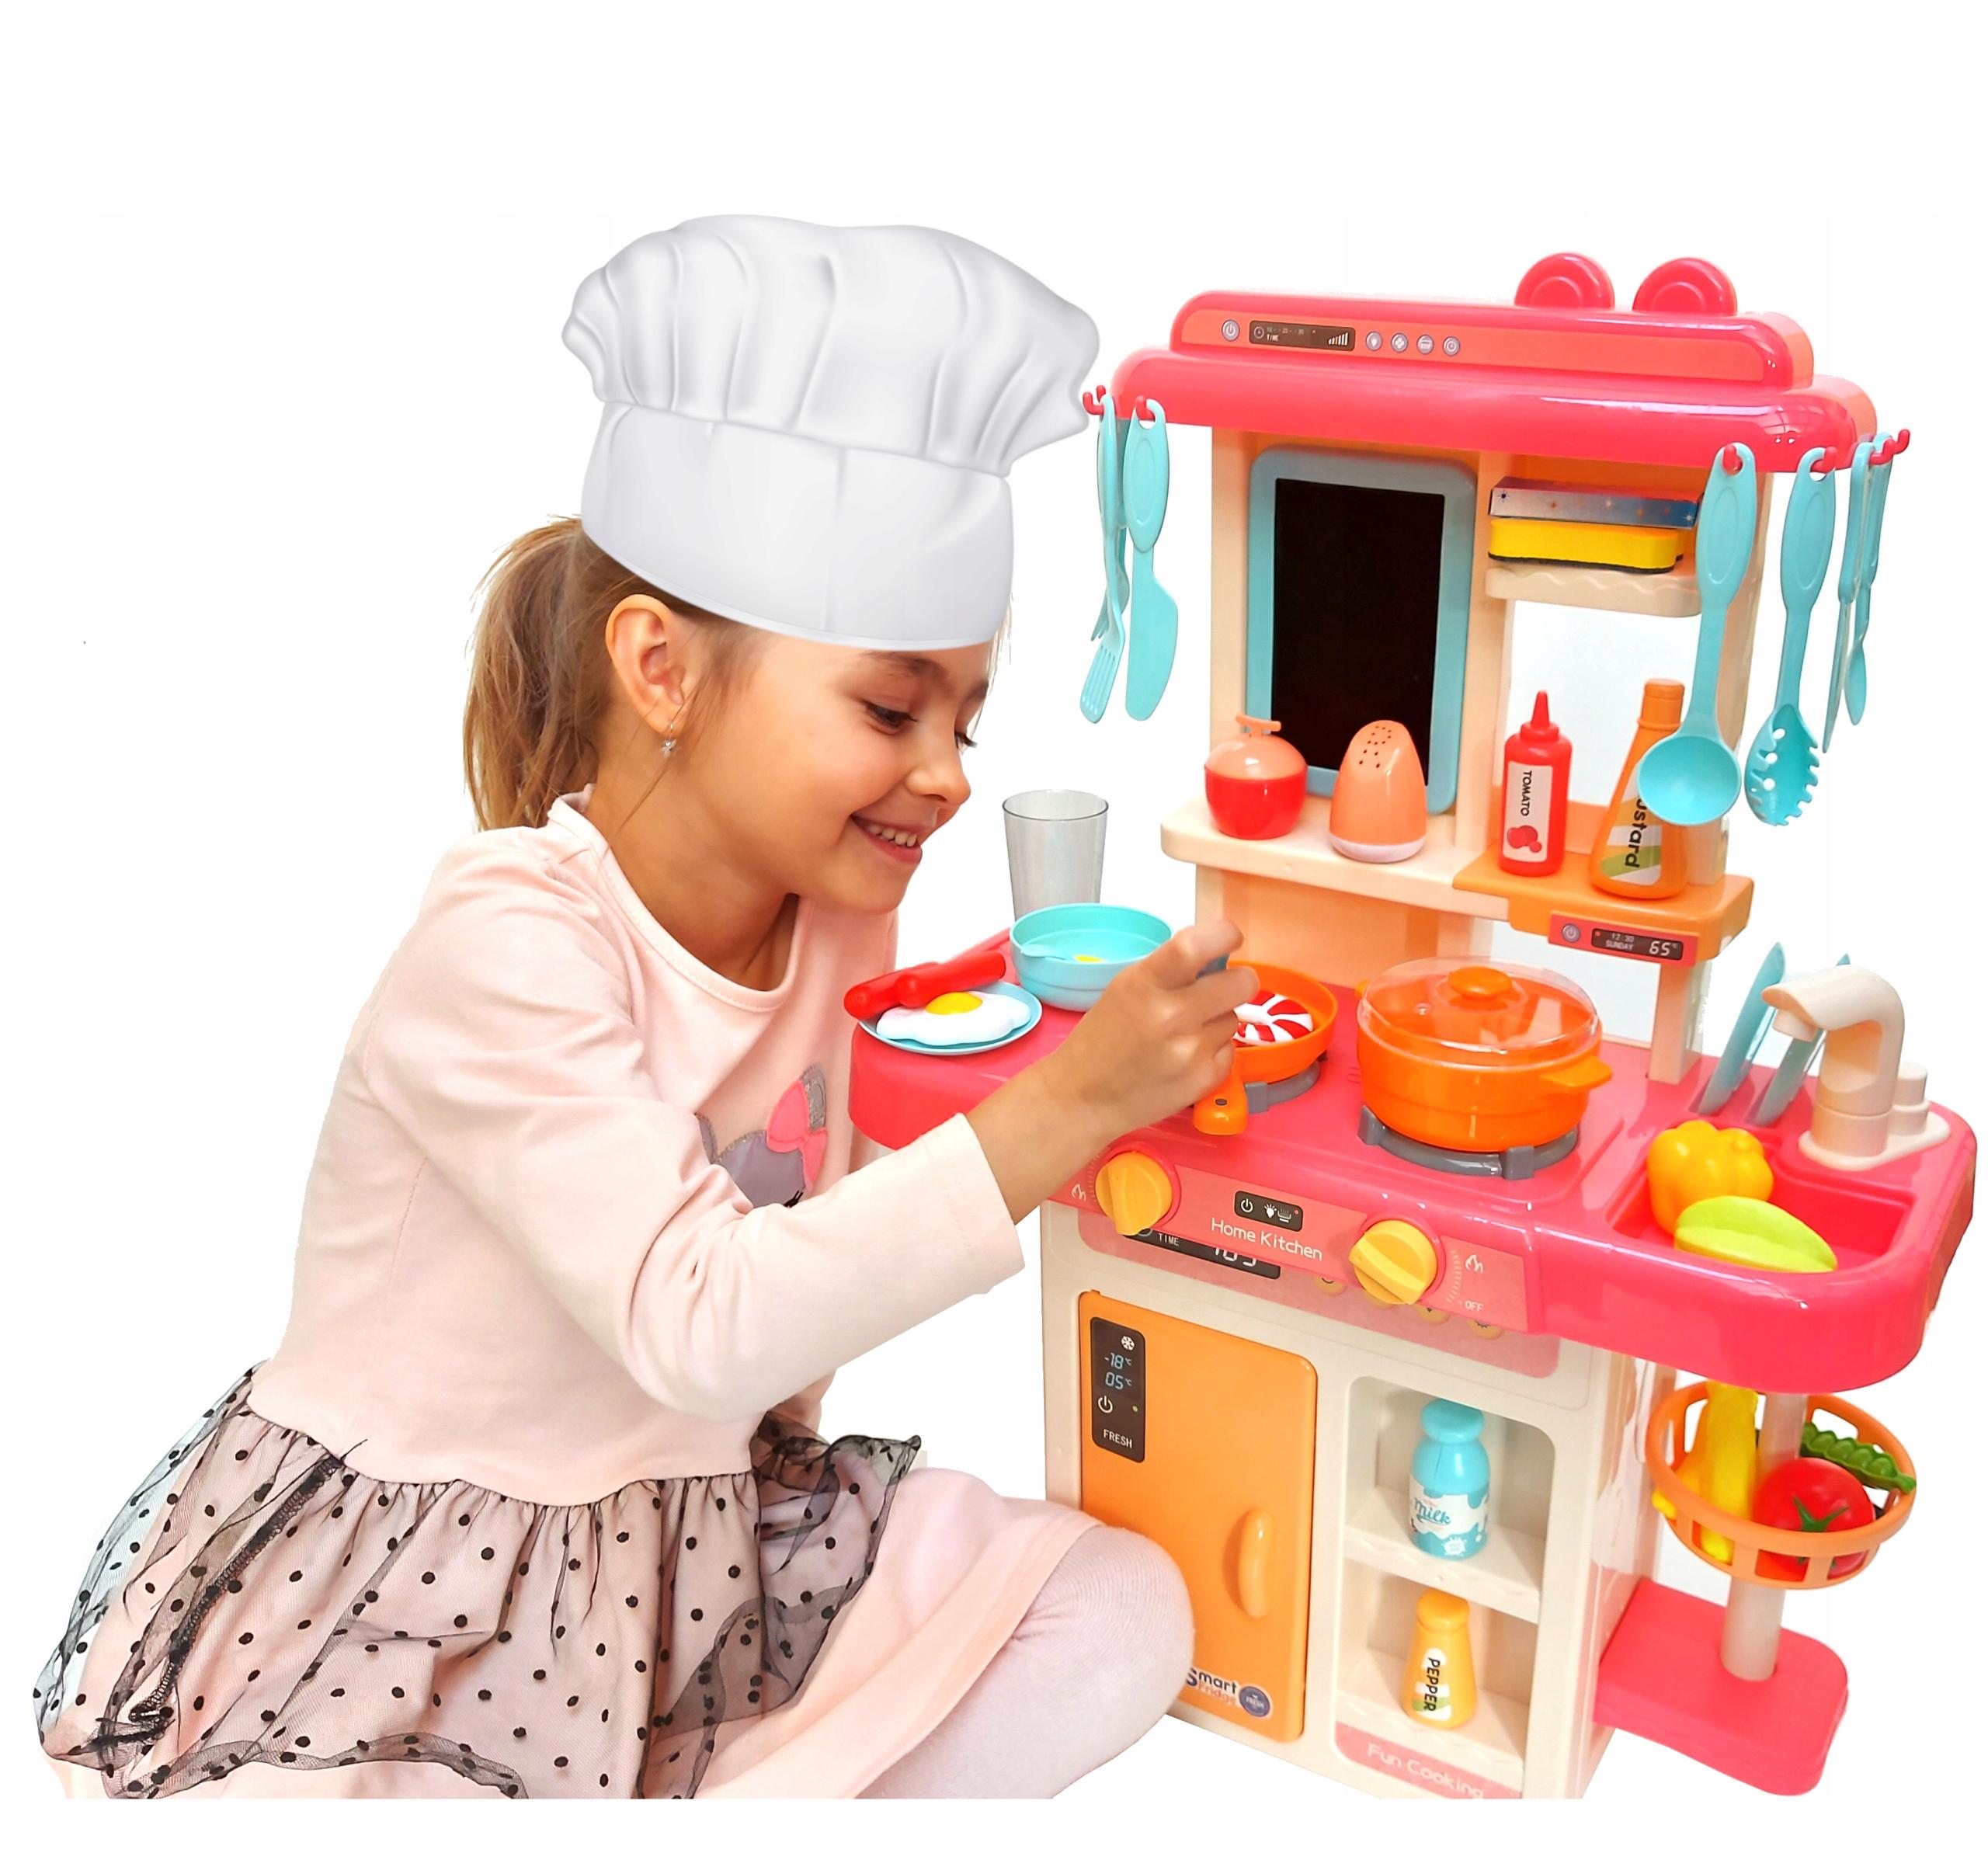 interaktivna_kuchynka_pre_deti(26)